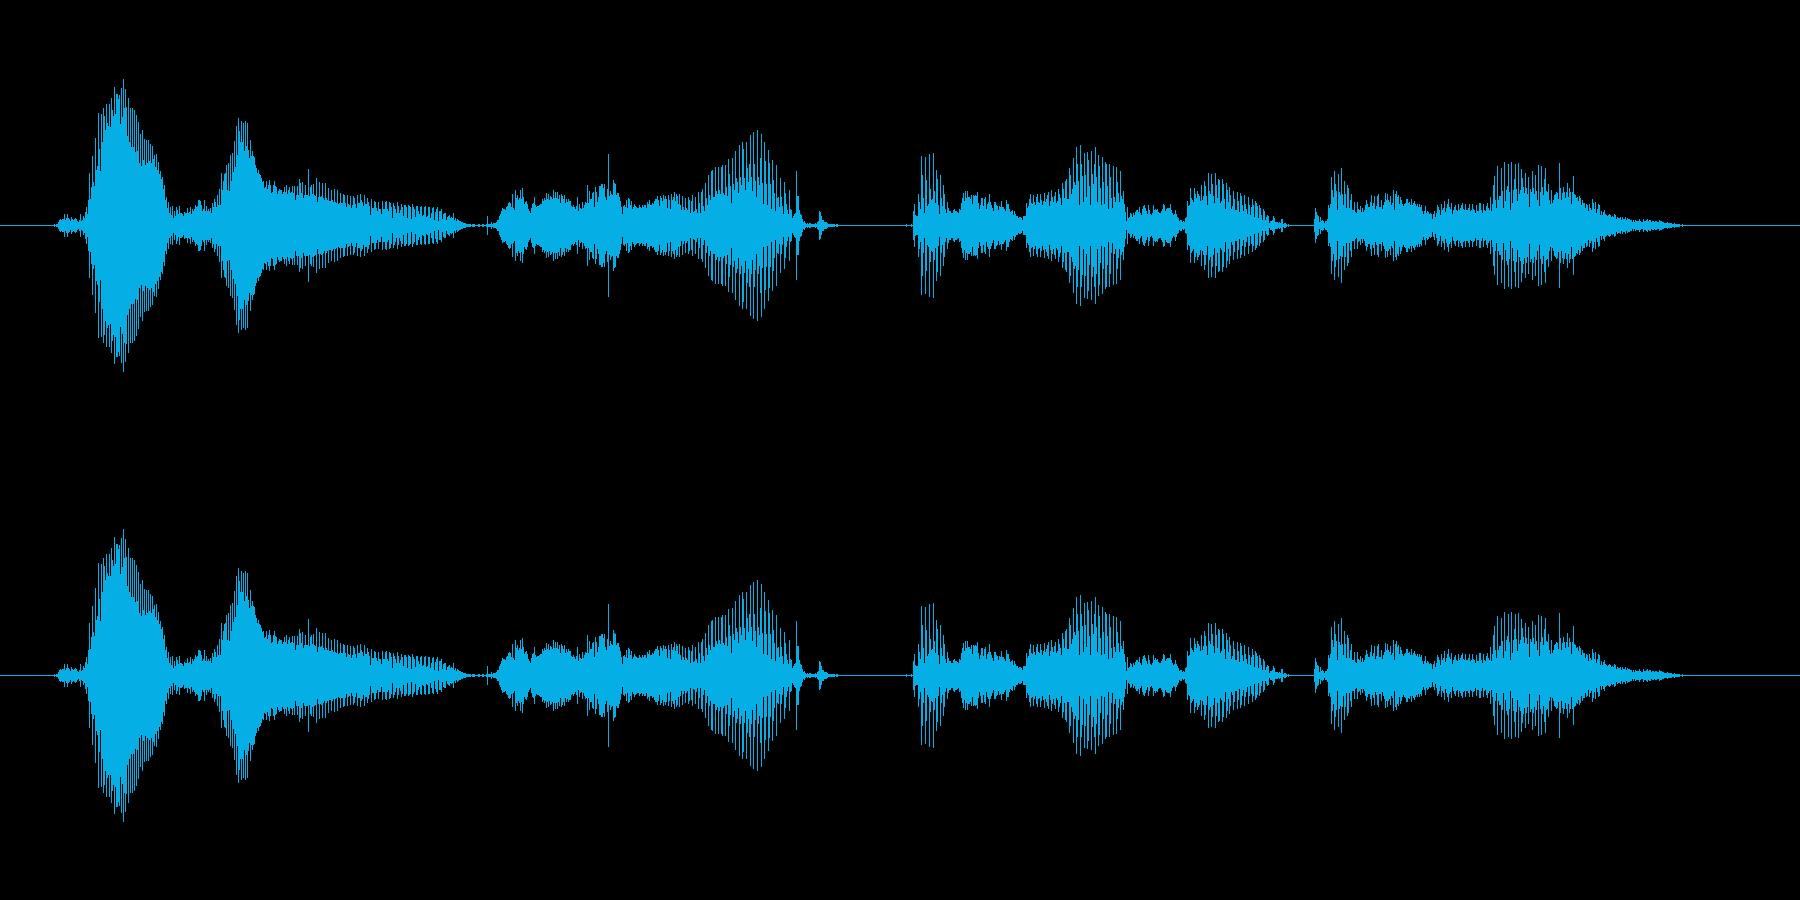 【時報・時間】午前1時を、お知らせいた…の再生済みの波形